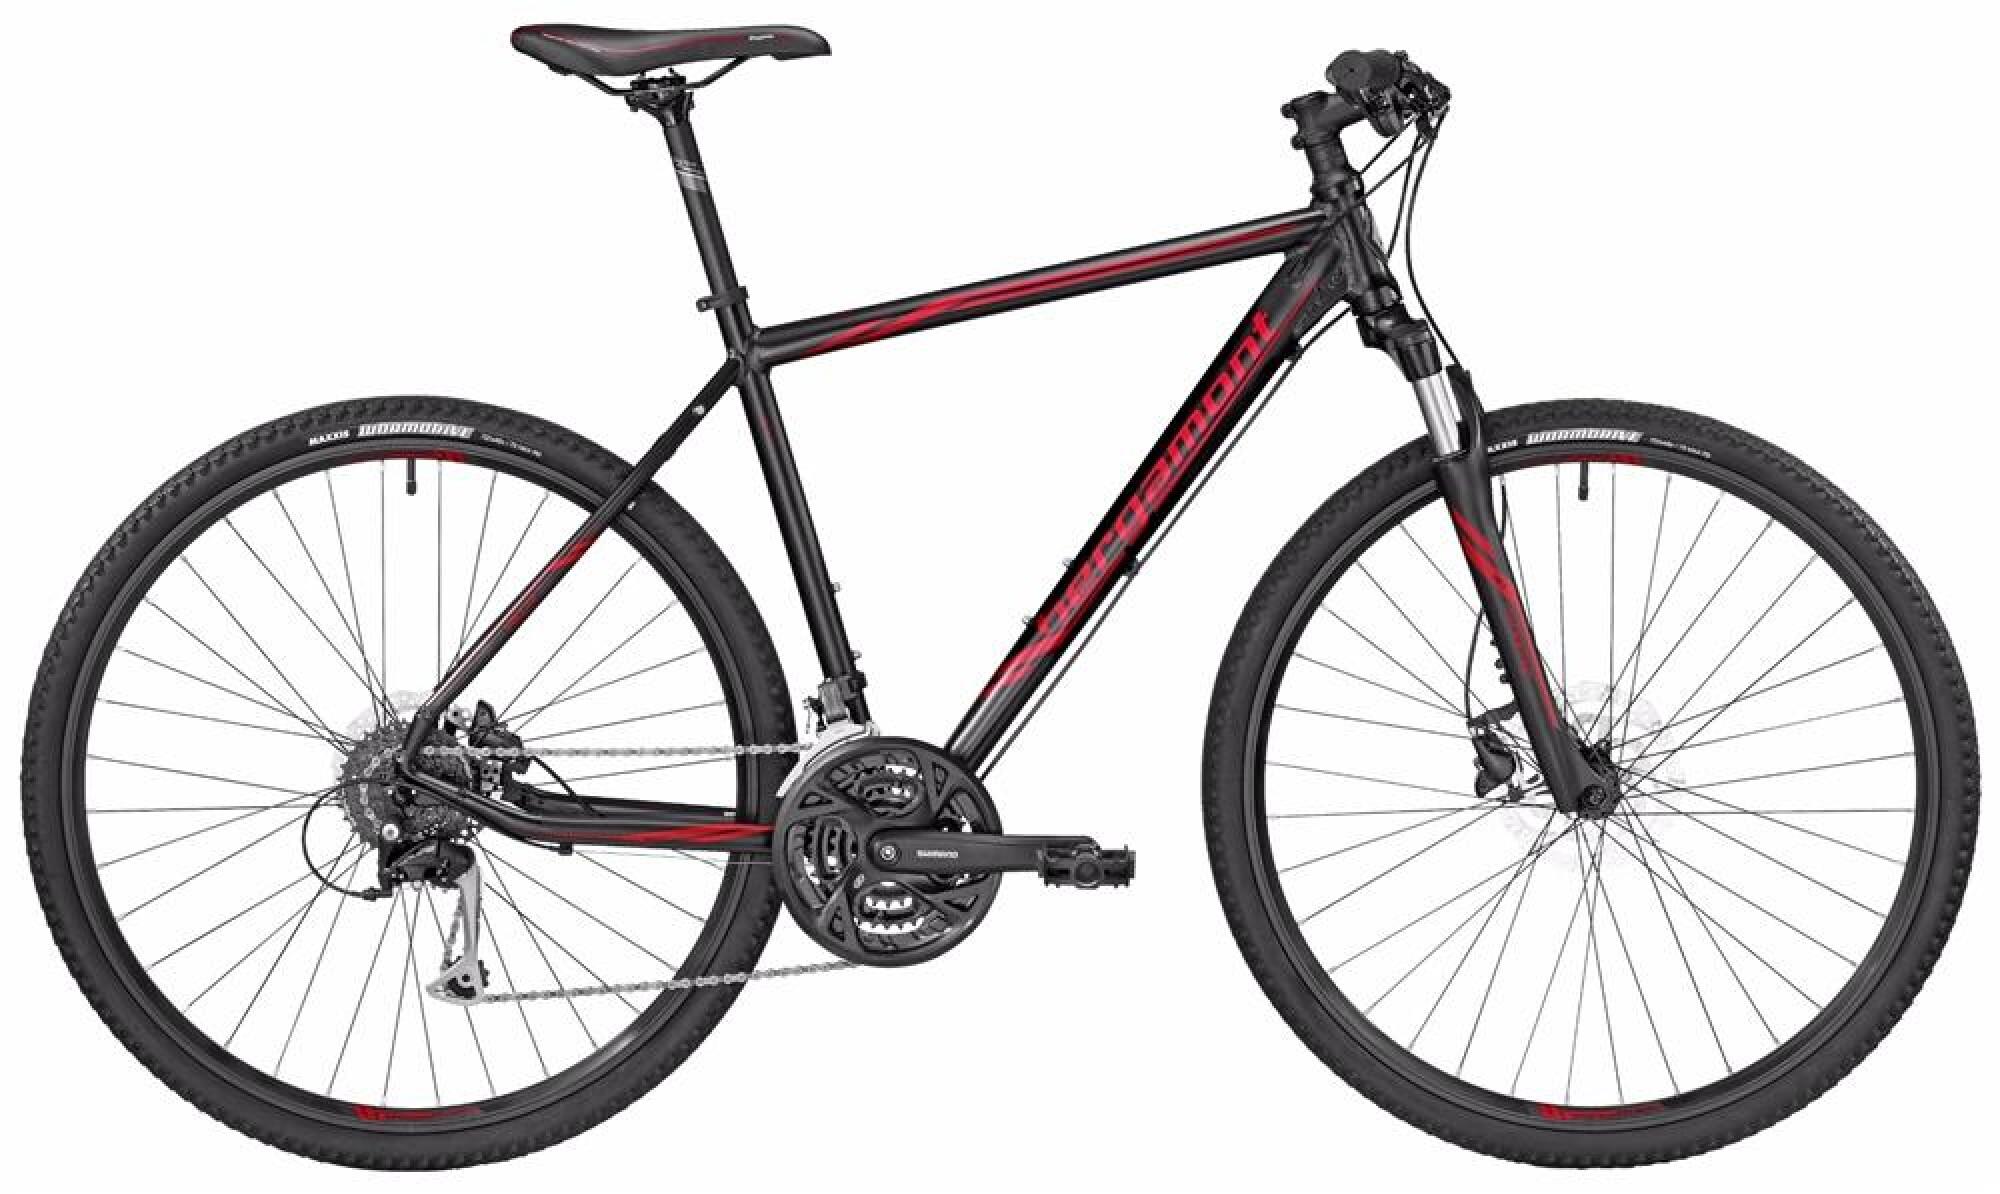 crossbike bergamont bgm bike helix 5 0 gent 2017 bei. Black Bedroom Furniture Sets. Home Design Ideas